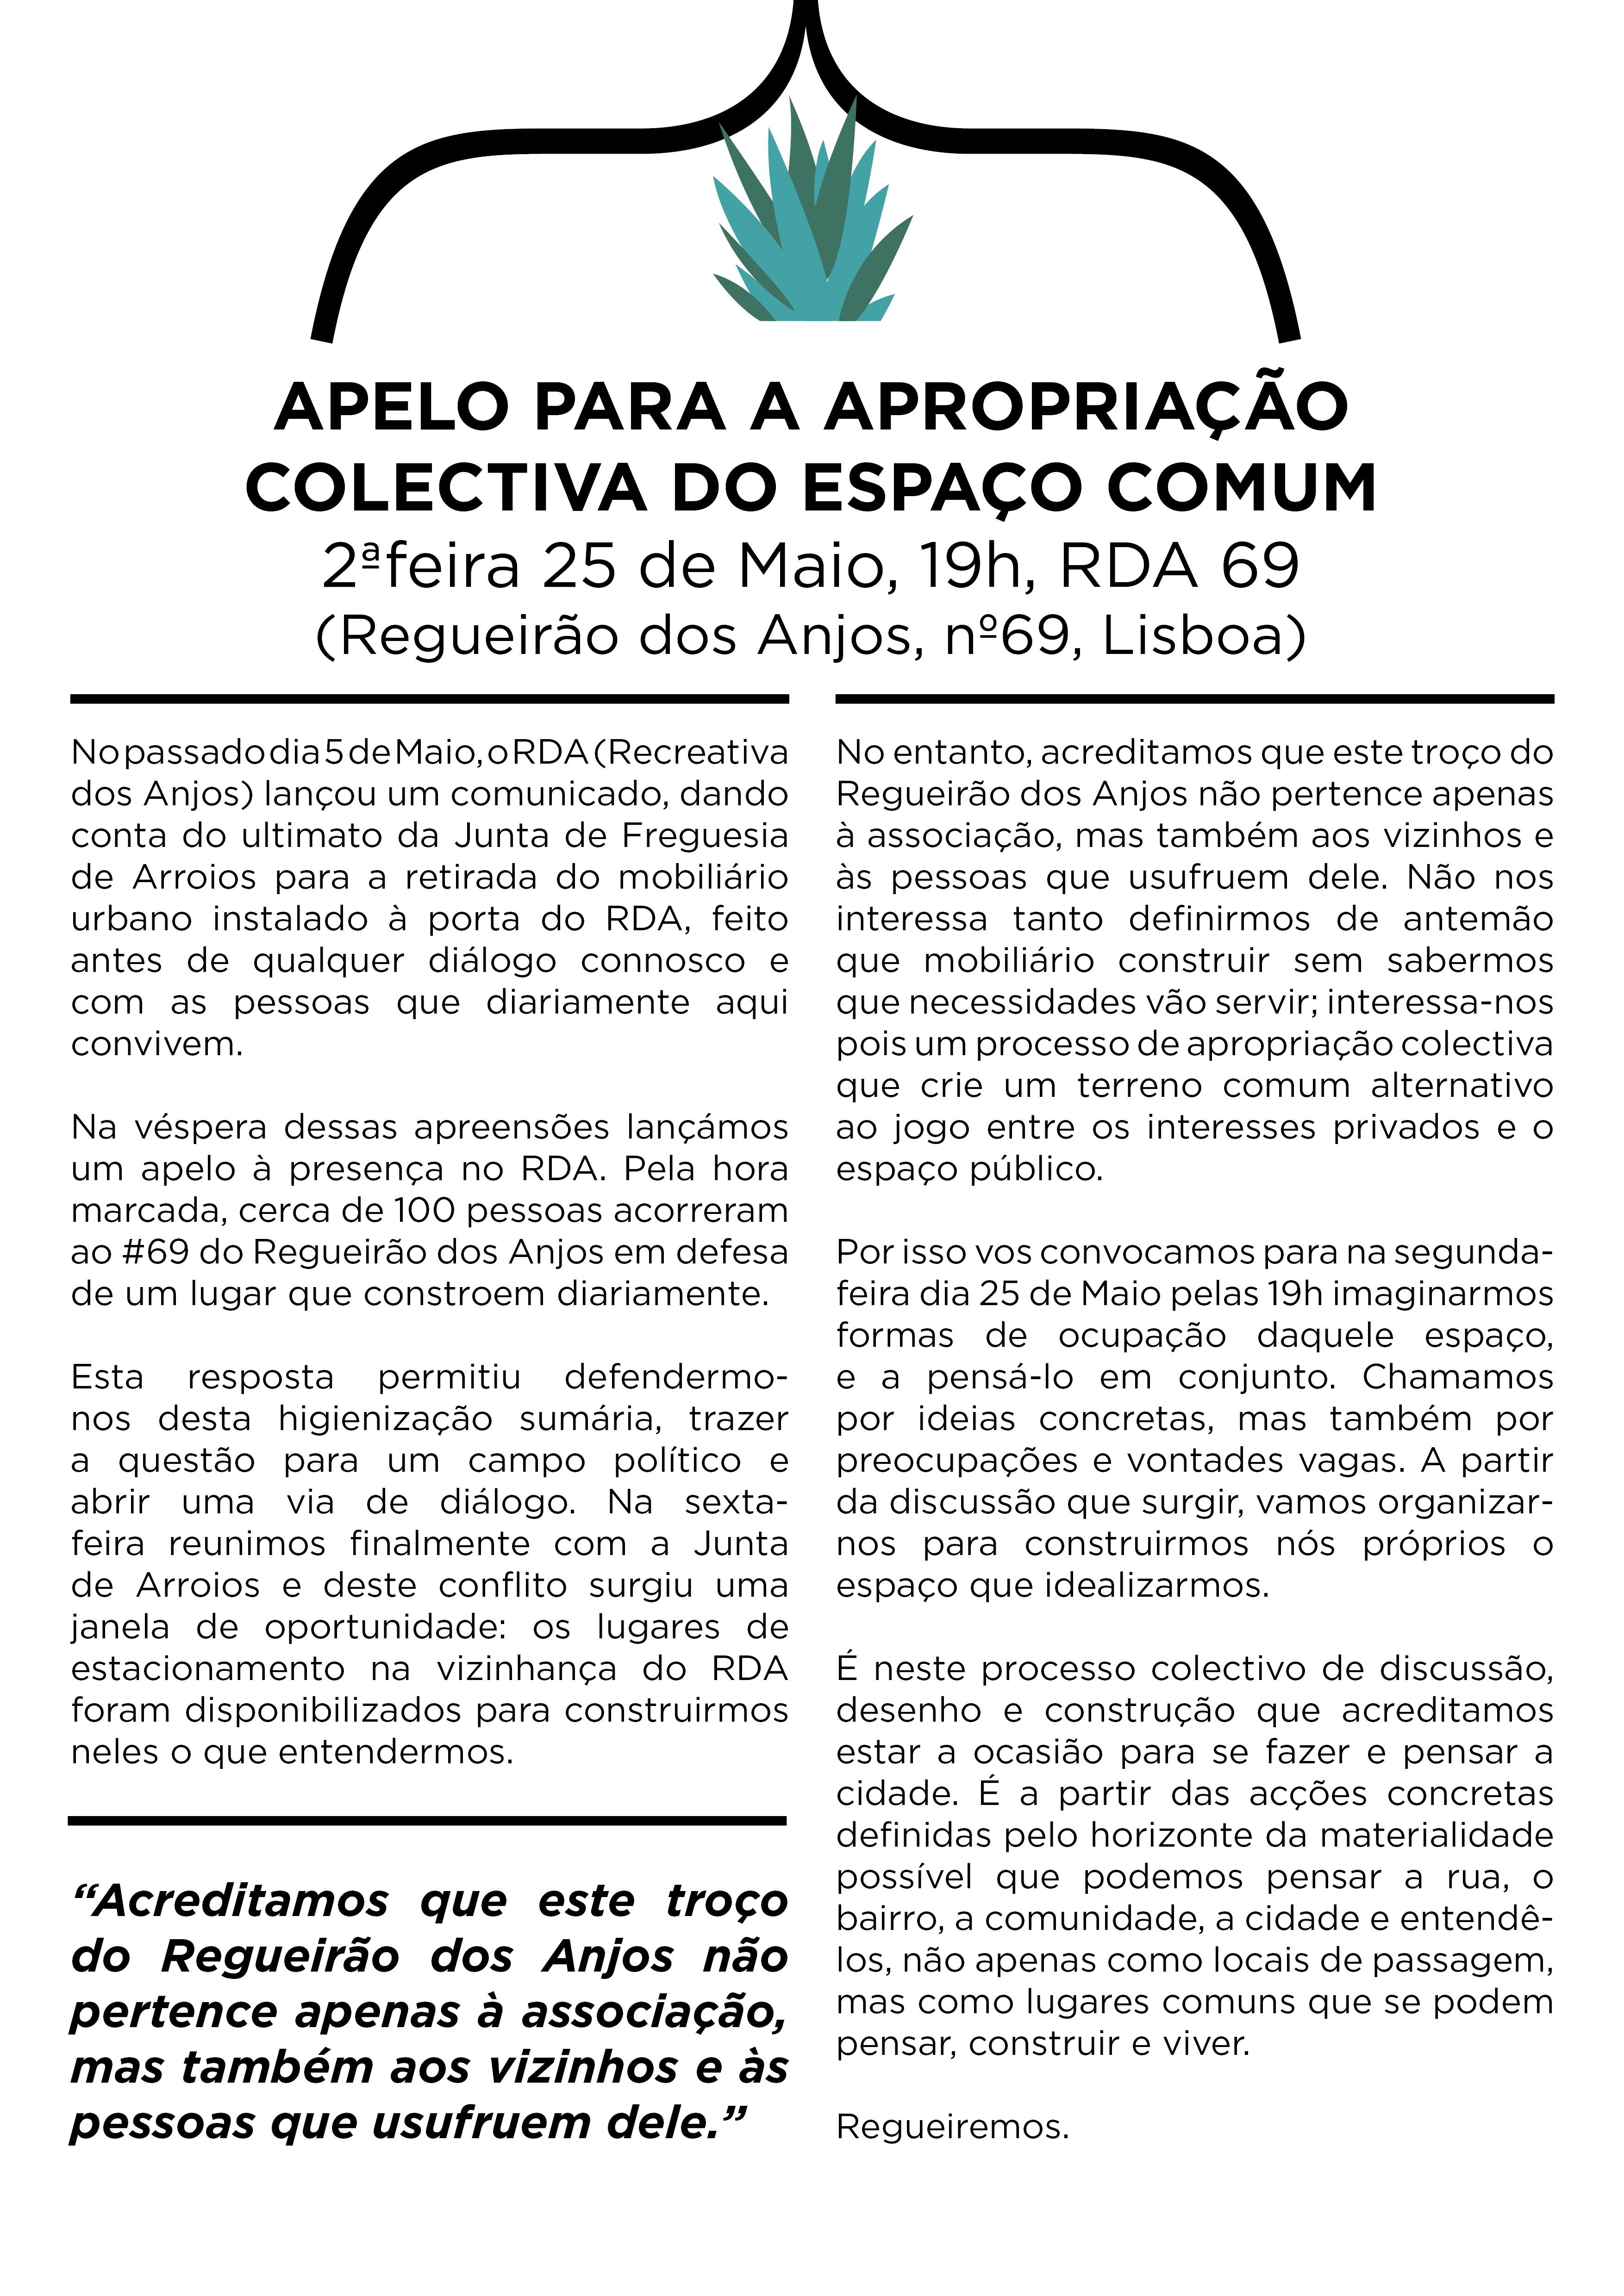 Apelo_rda_2015_2